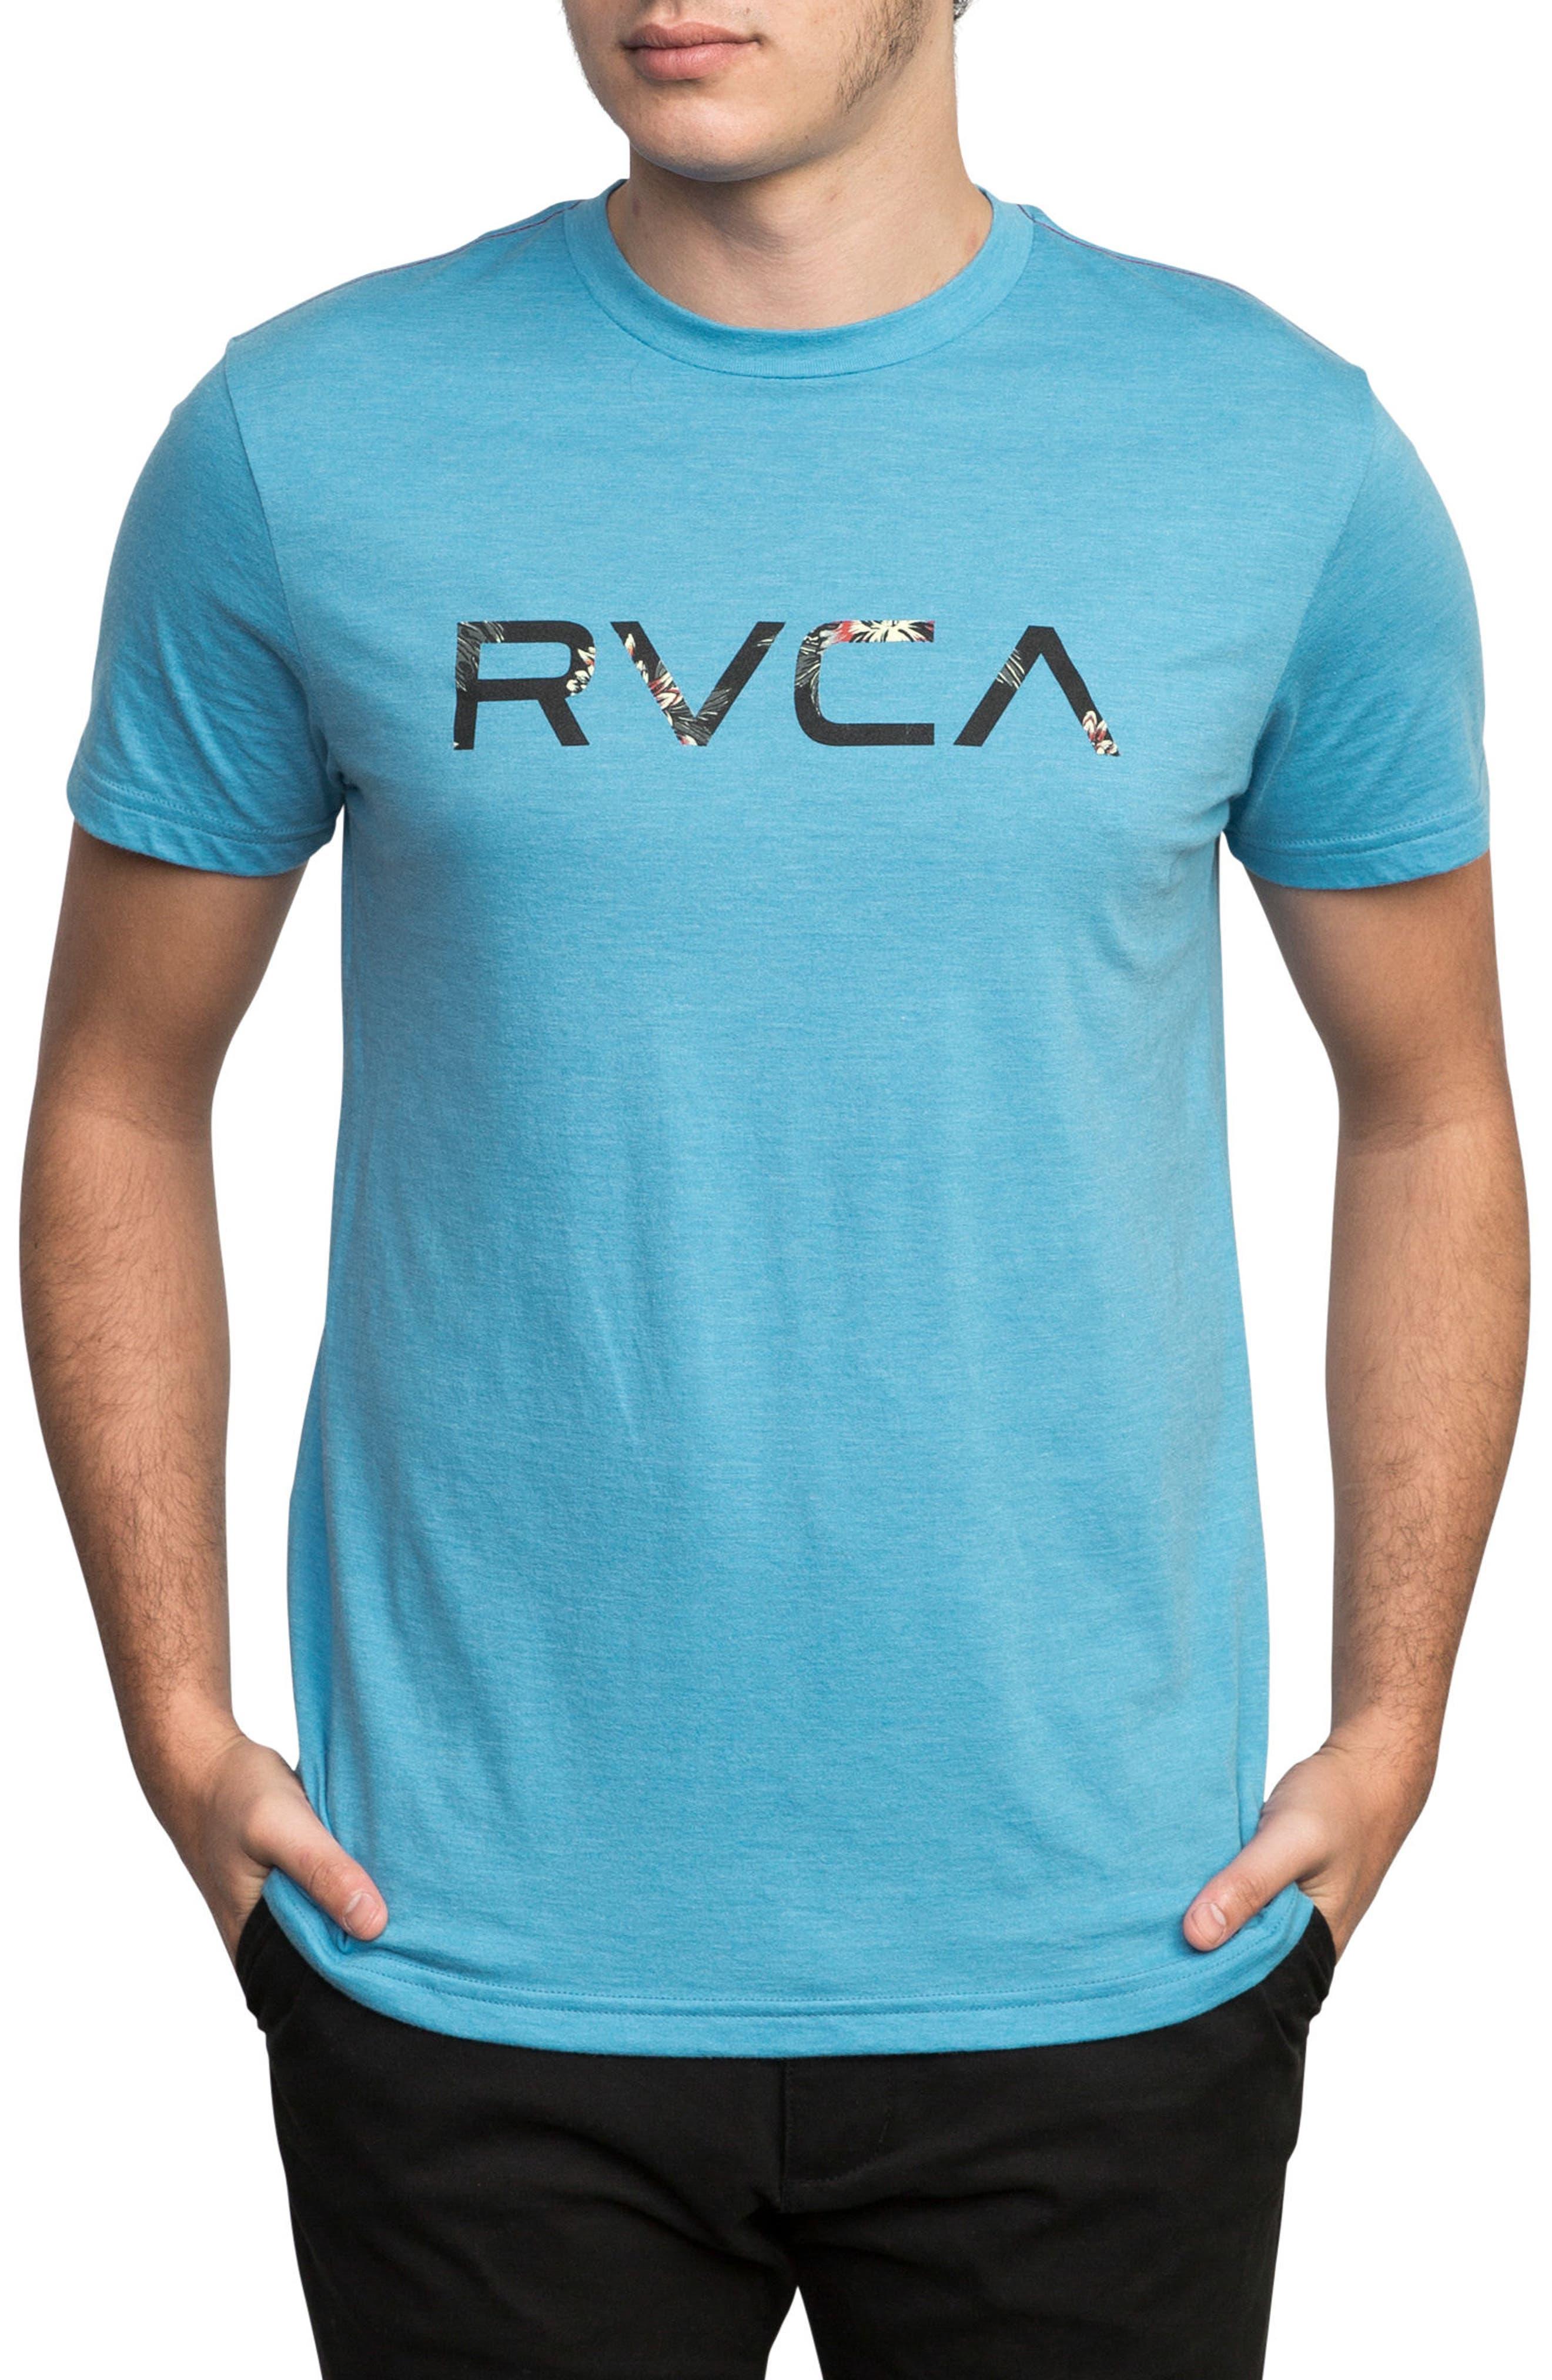 McFloral T-Shirt,                             Main thumbnail 1, color,                             Lagoon